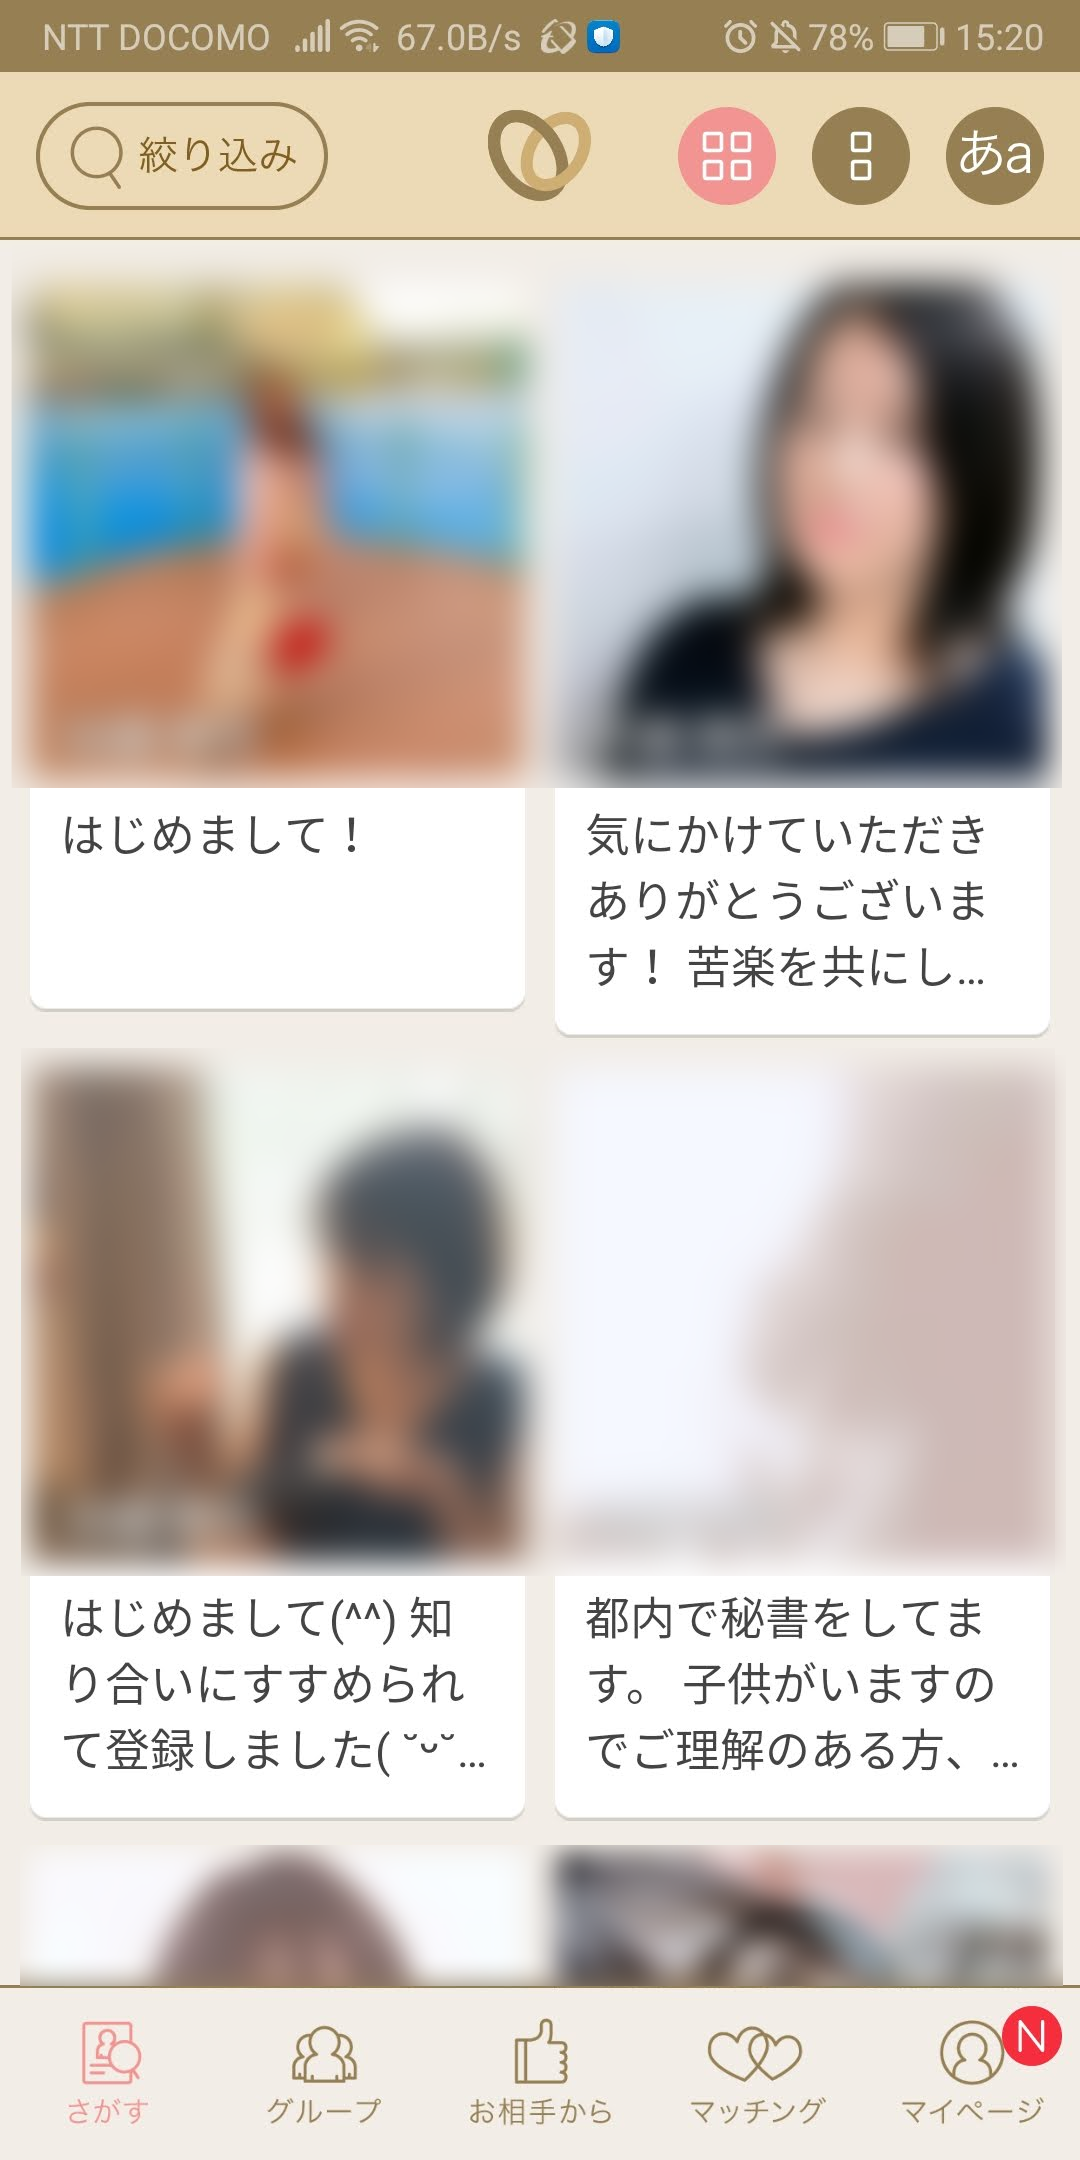 マッチングアプリ 第1位 marrish(マリッシュ)